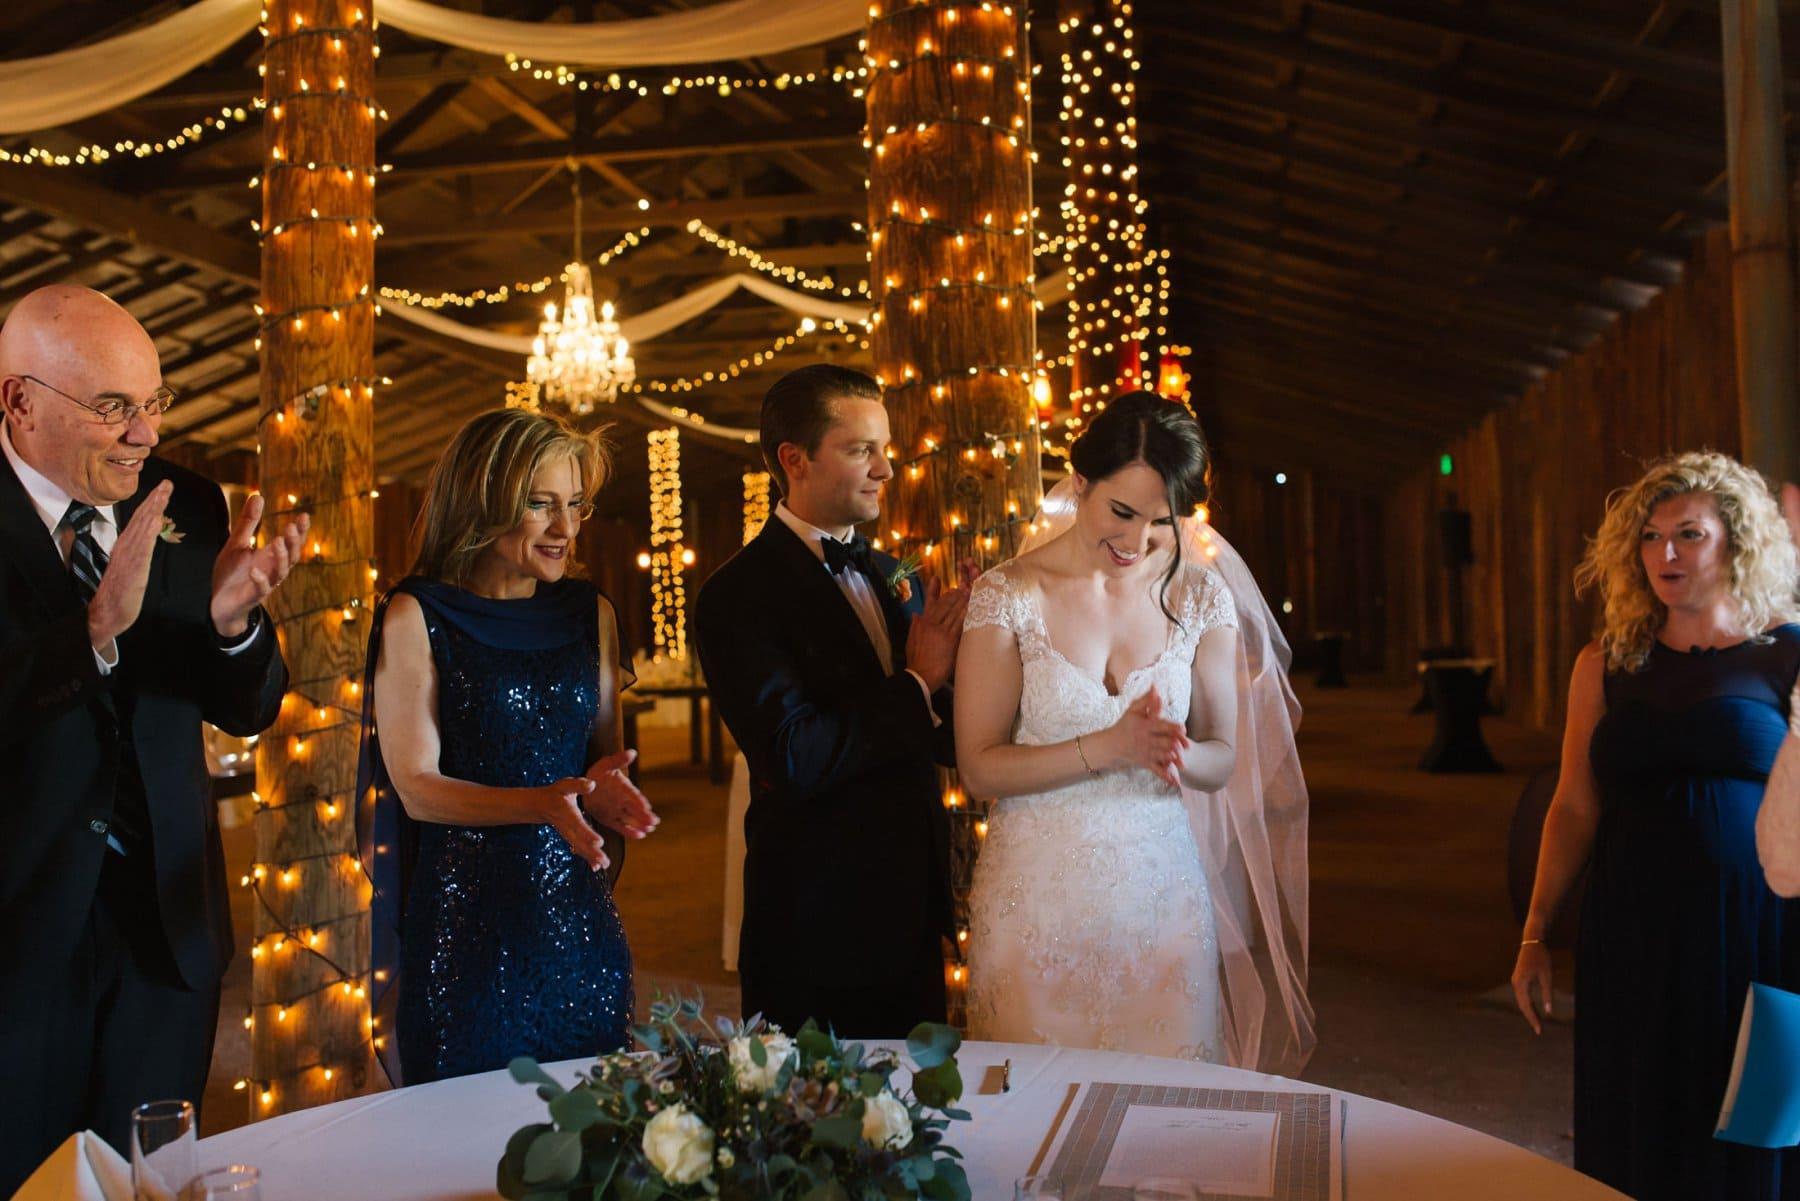 ketubah signing at Desrt Foothills barn wedding